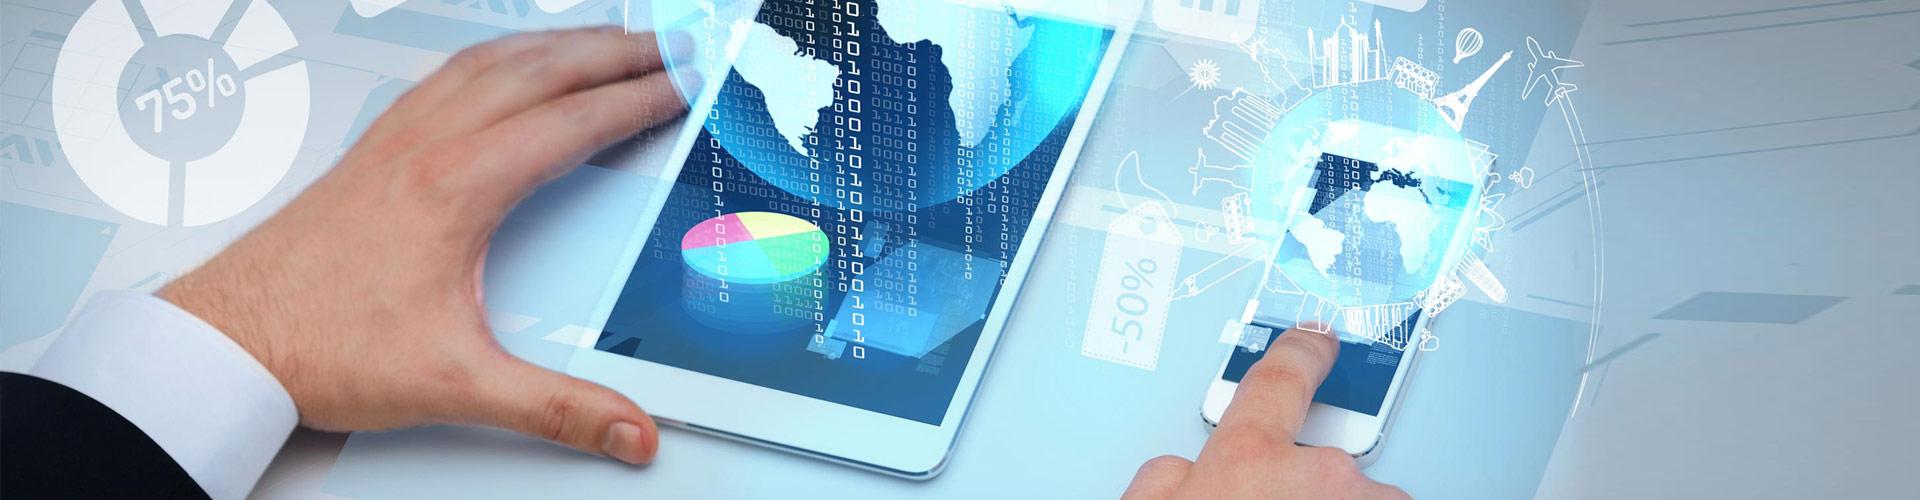 Chuyên viên Digital Marketing ứng dụng